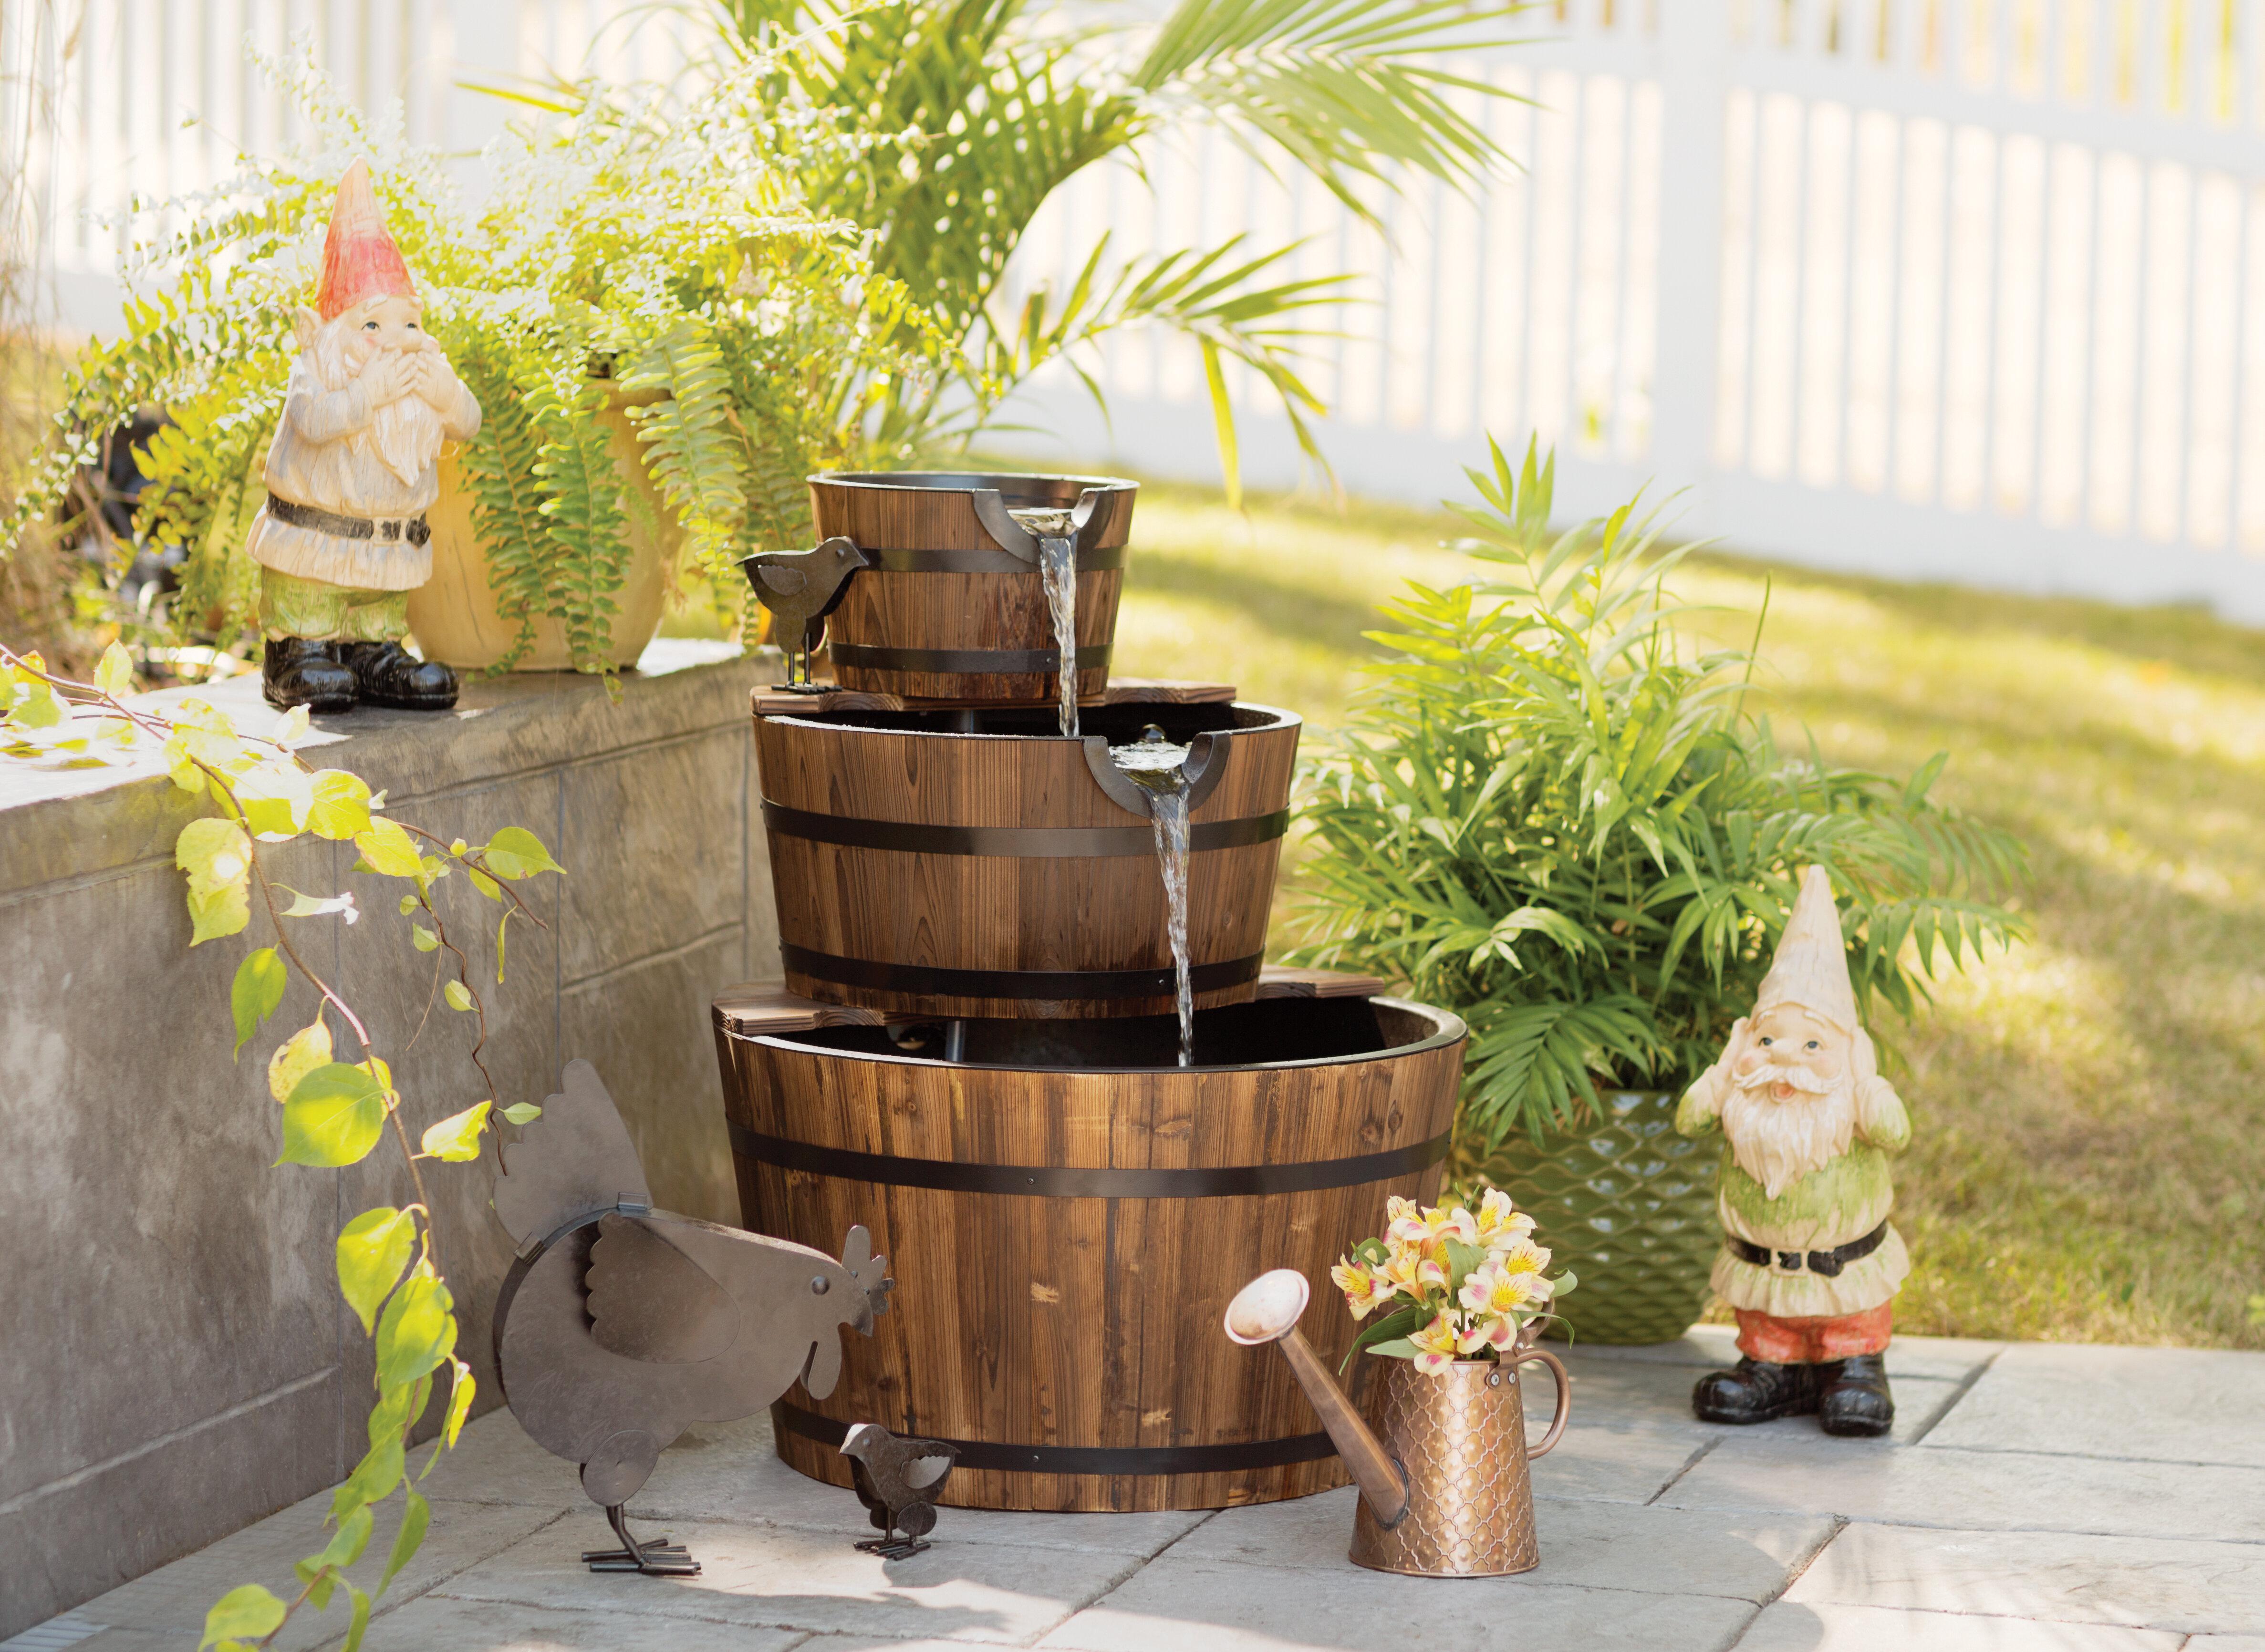 Zingz & Thingz Wood Barrel Trio Fountain & Reviews | Wayfair